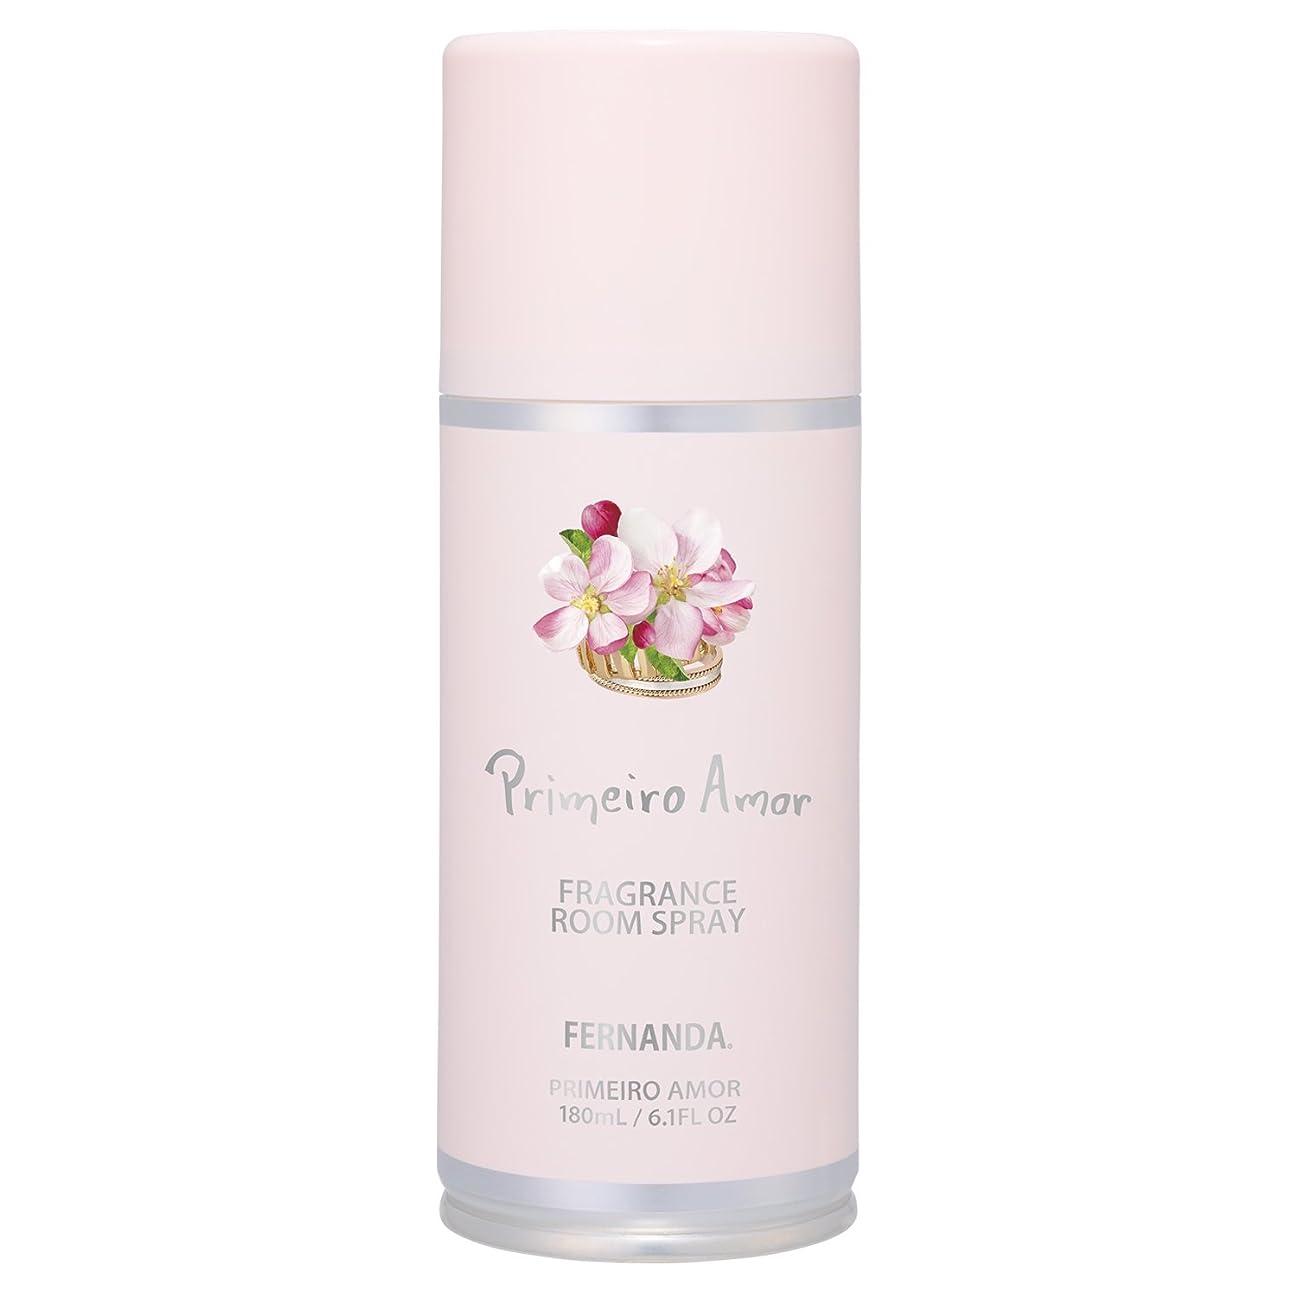 罪ブラザー洞察力のあるFERNANDA(フェルナンダ) Room Spray Primeiro Amor(ルームスプレー プリメイロアモール)